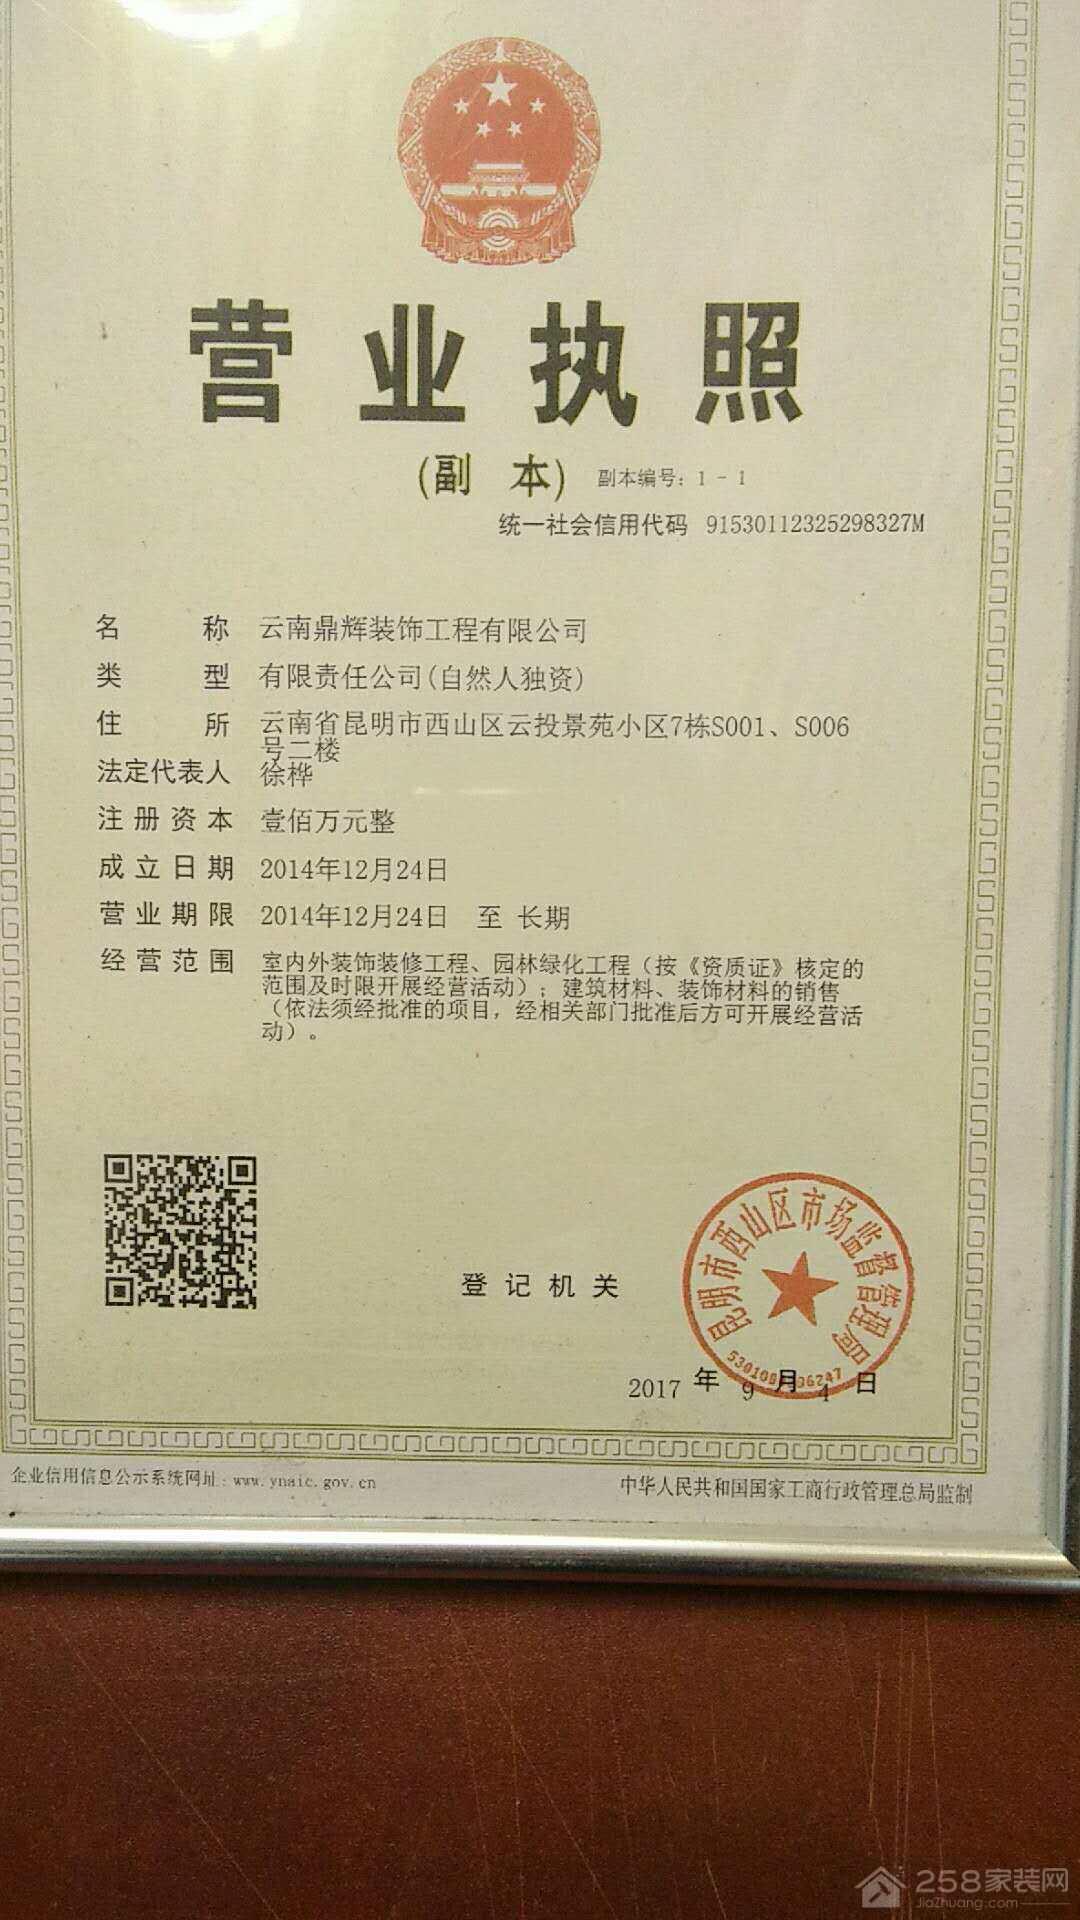 云南鼎辉装饰工程有限公司